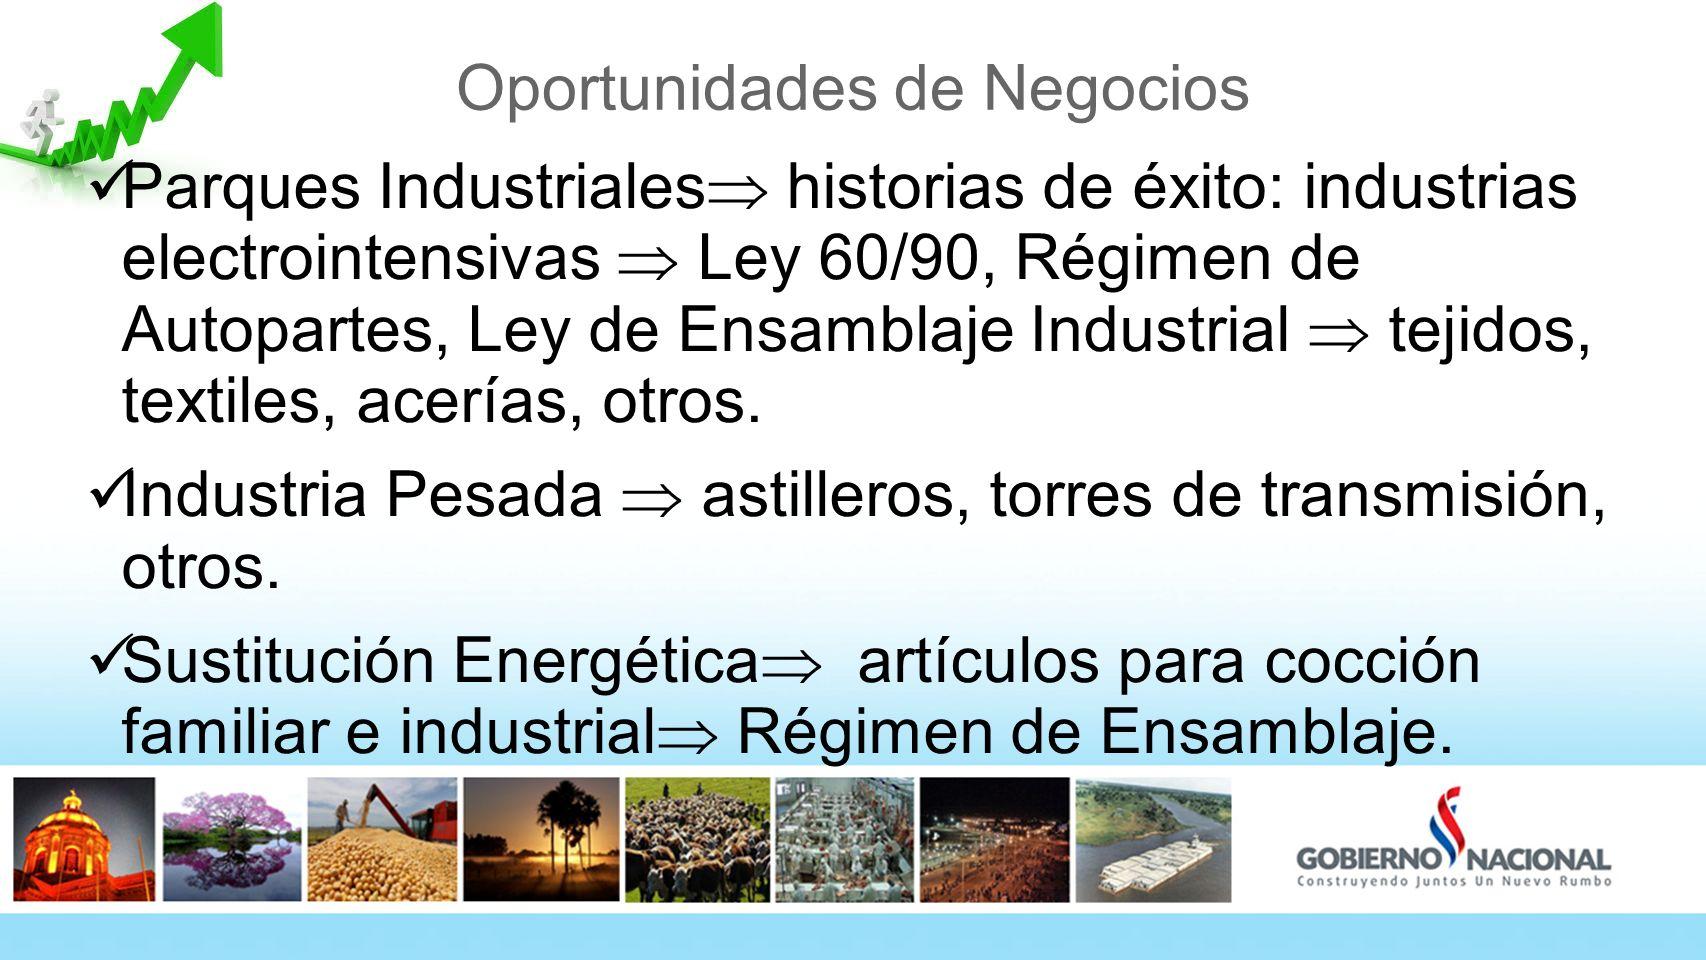 Oportunidades de Negocios Parques Industriales historias de éxito: industrias electrointensivas Ley 60/90, Régimen de Autopartes, Ley de Ensamblaje Industrial tejidos, textiles, acerías, otros.